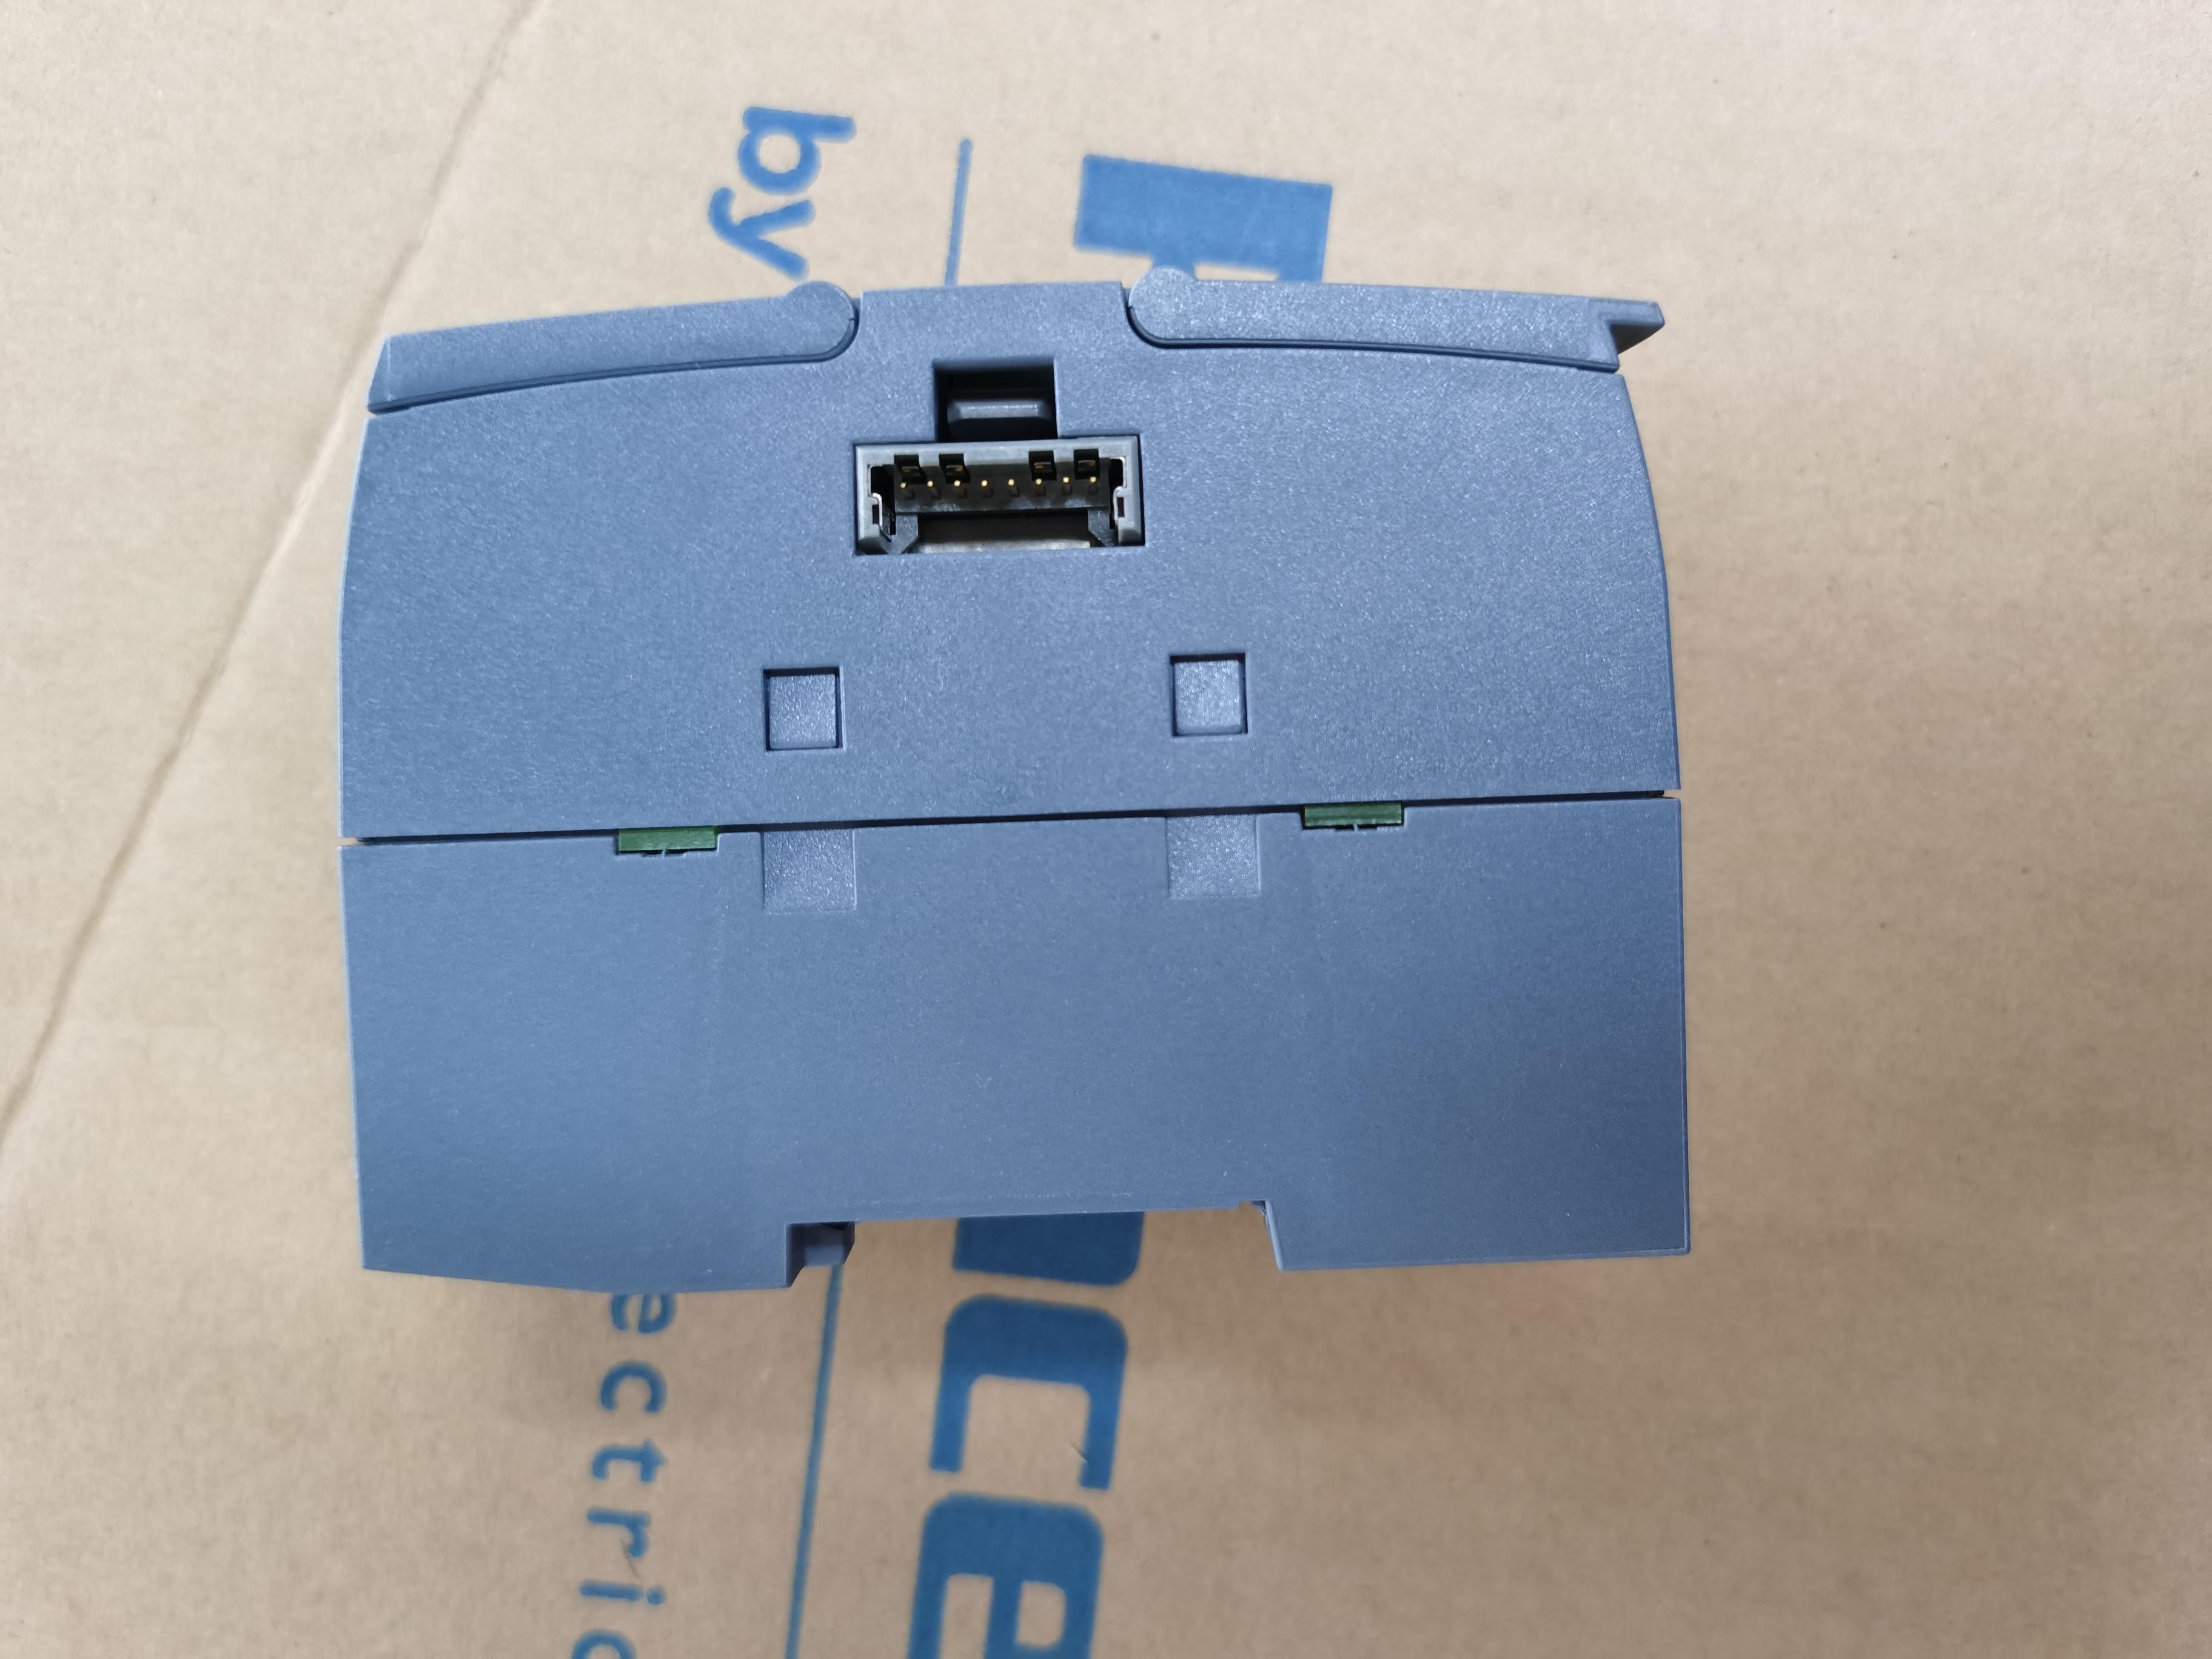 Details about  /1pcs new Siemens module 6ES7222-1BF30-0XB0